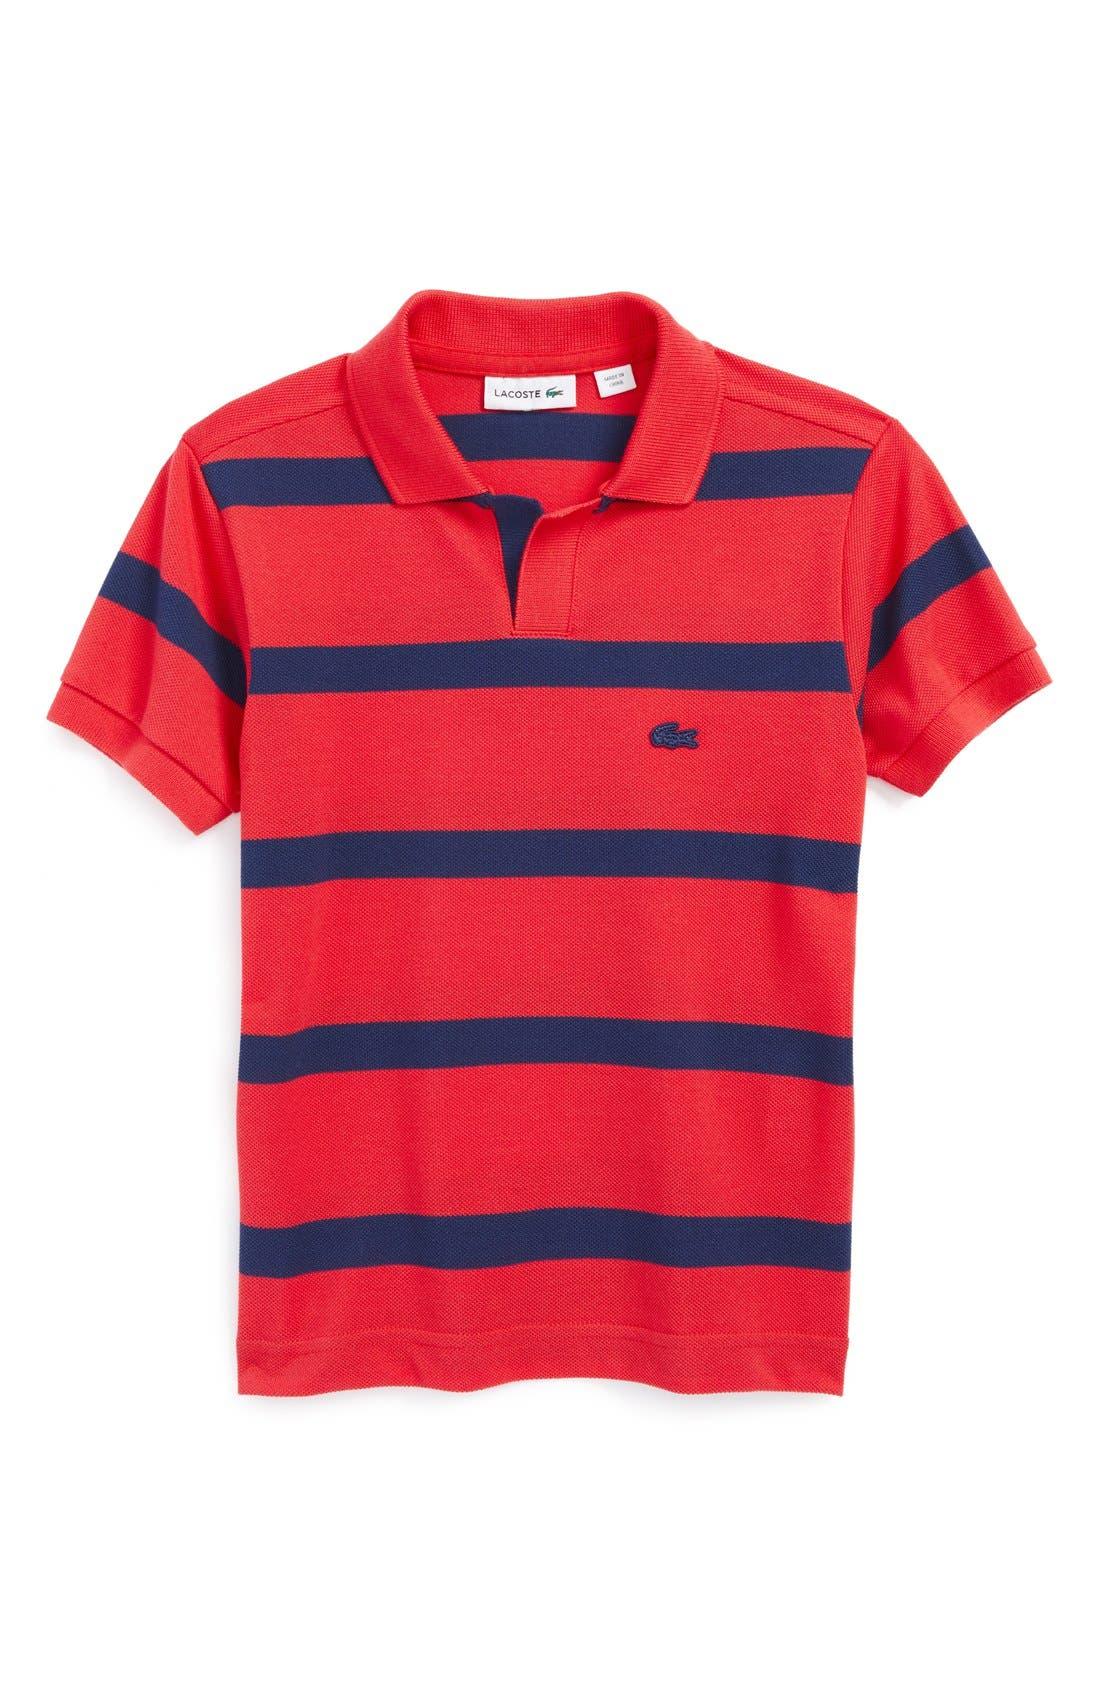 Alternate Image 1 Selected - Lacoste Stripe Cotton Piqué Polo (Toddler Boys)